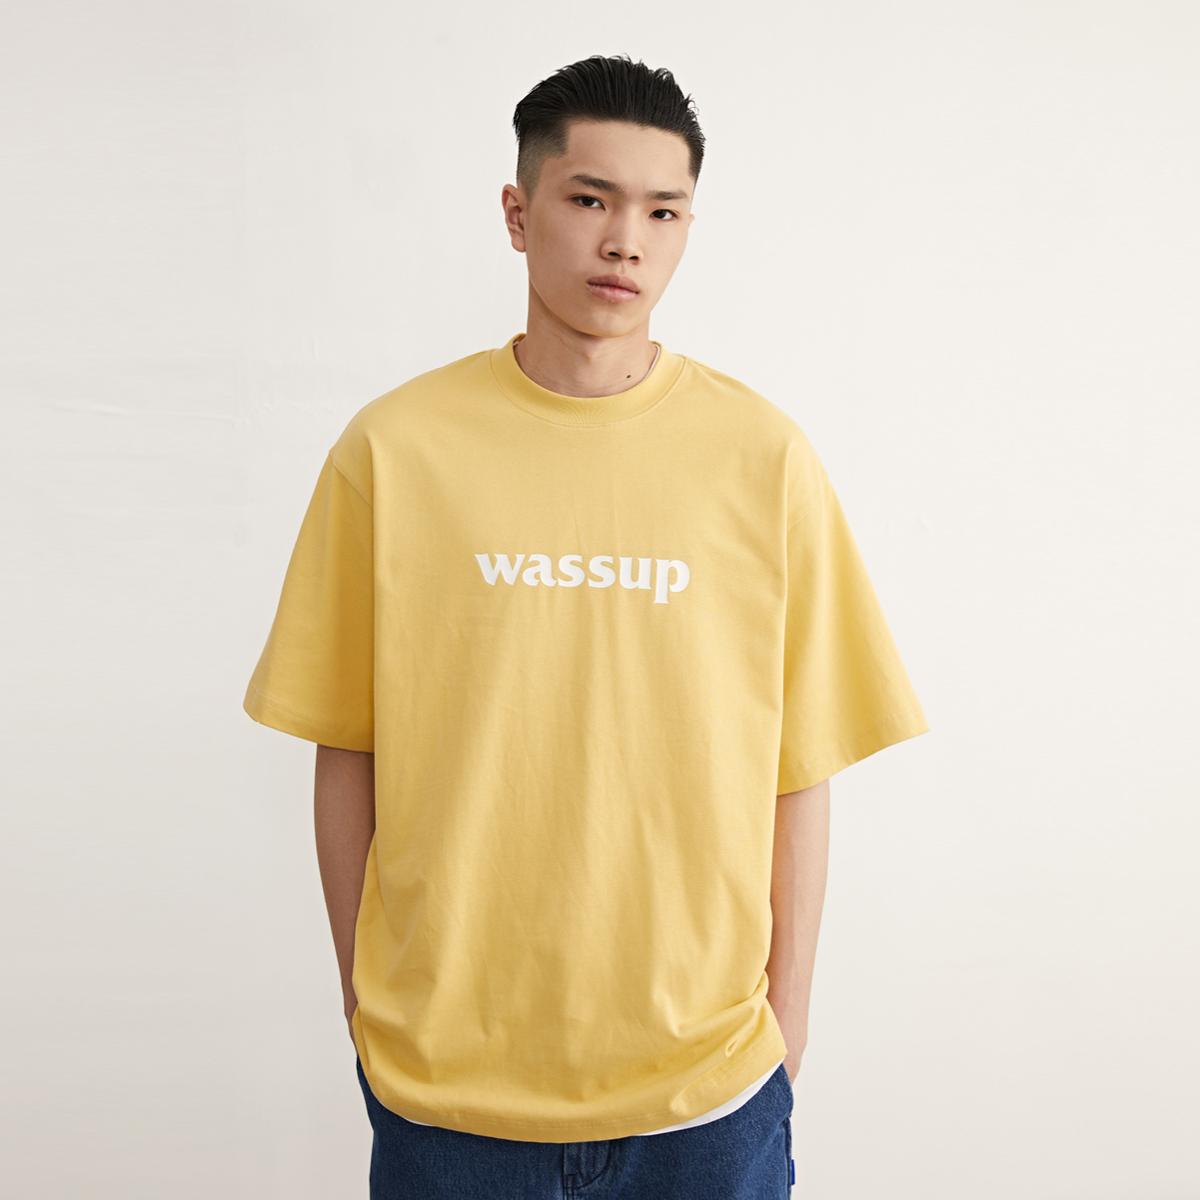 wassup短袖潮牌夏季粉色白色男t恤